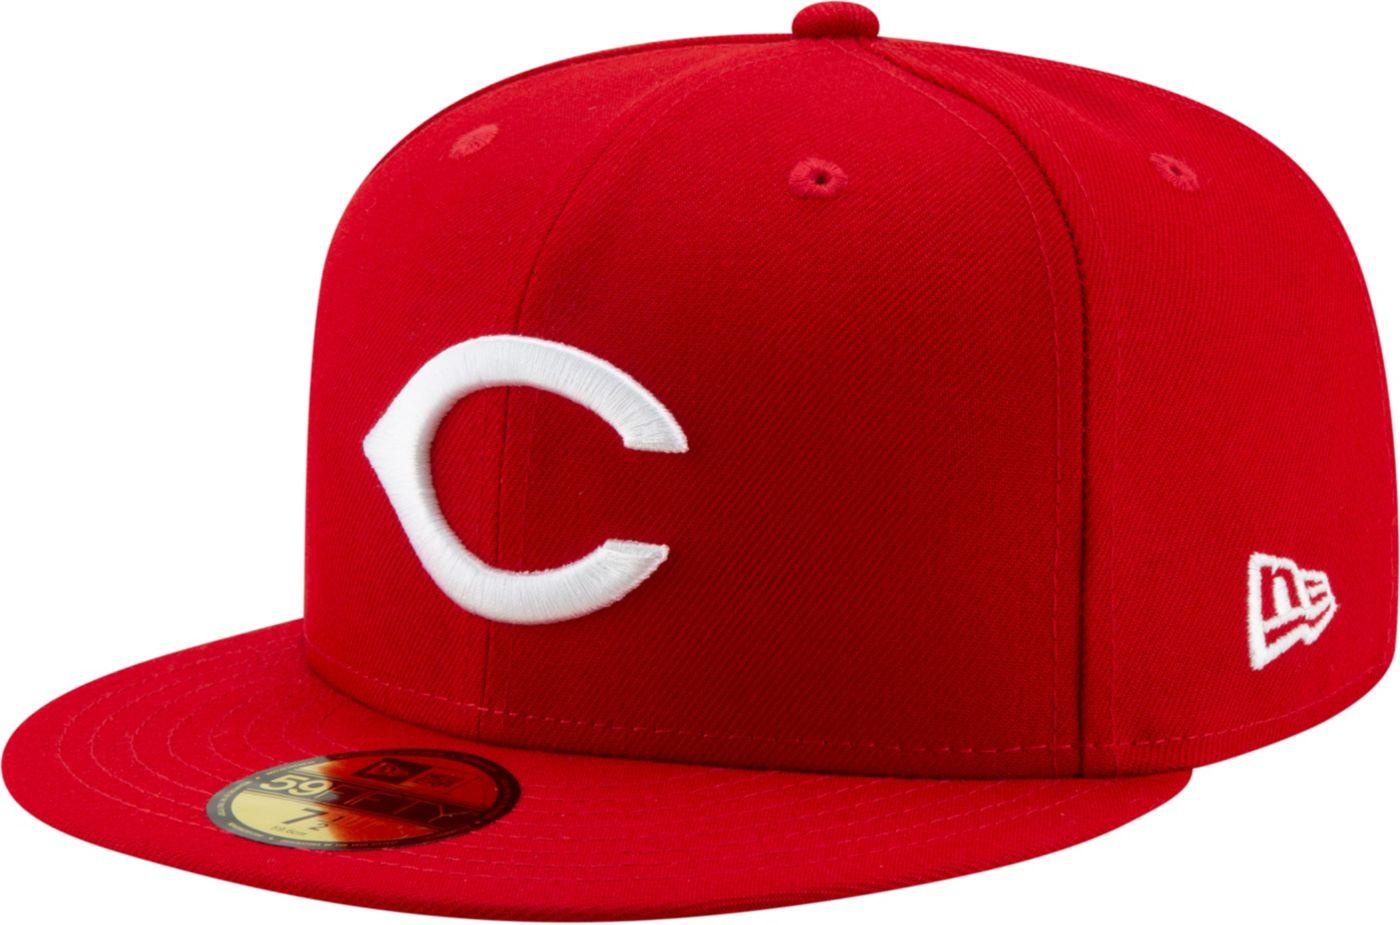 New Era Men's Cincinnati Reds 1967 59Fifty Authentic Hat